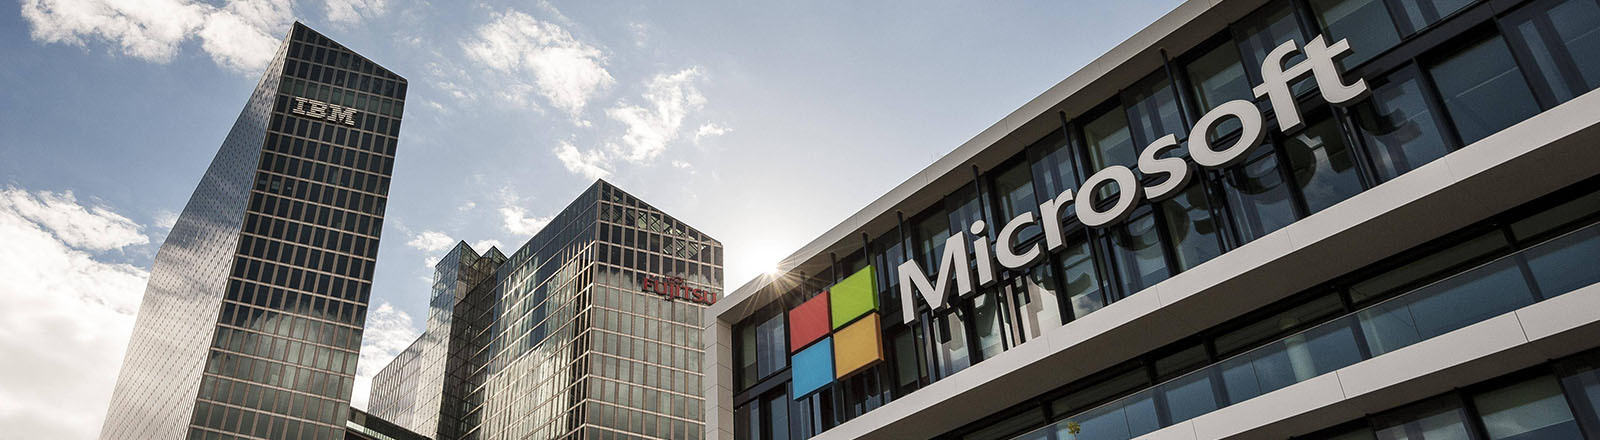 Gebäude von Microsoft in München.